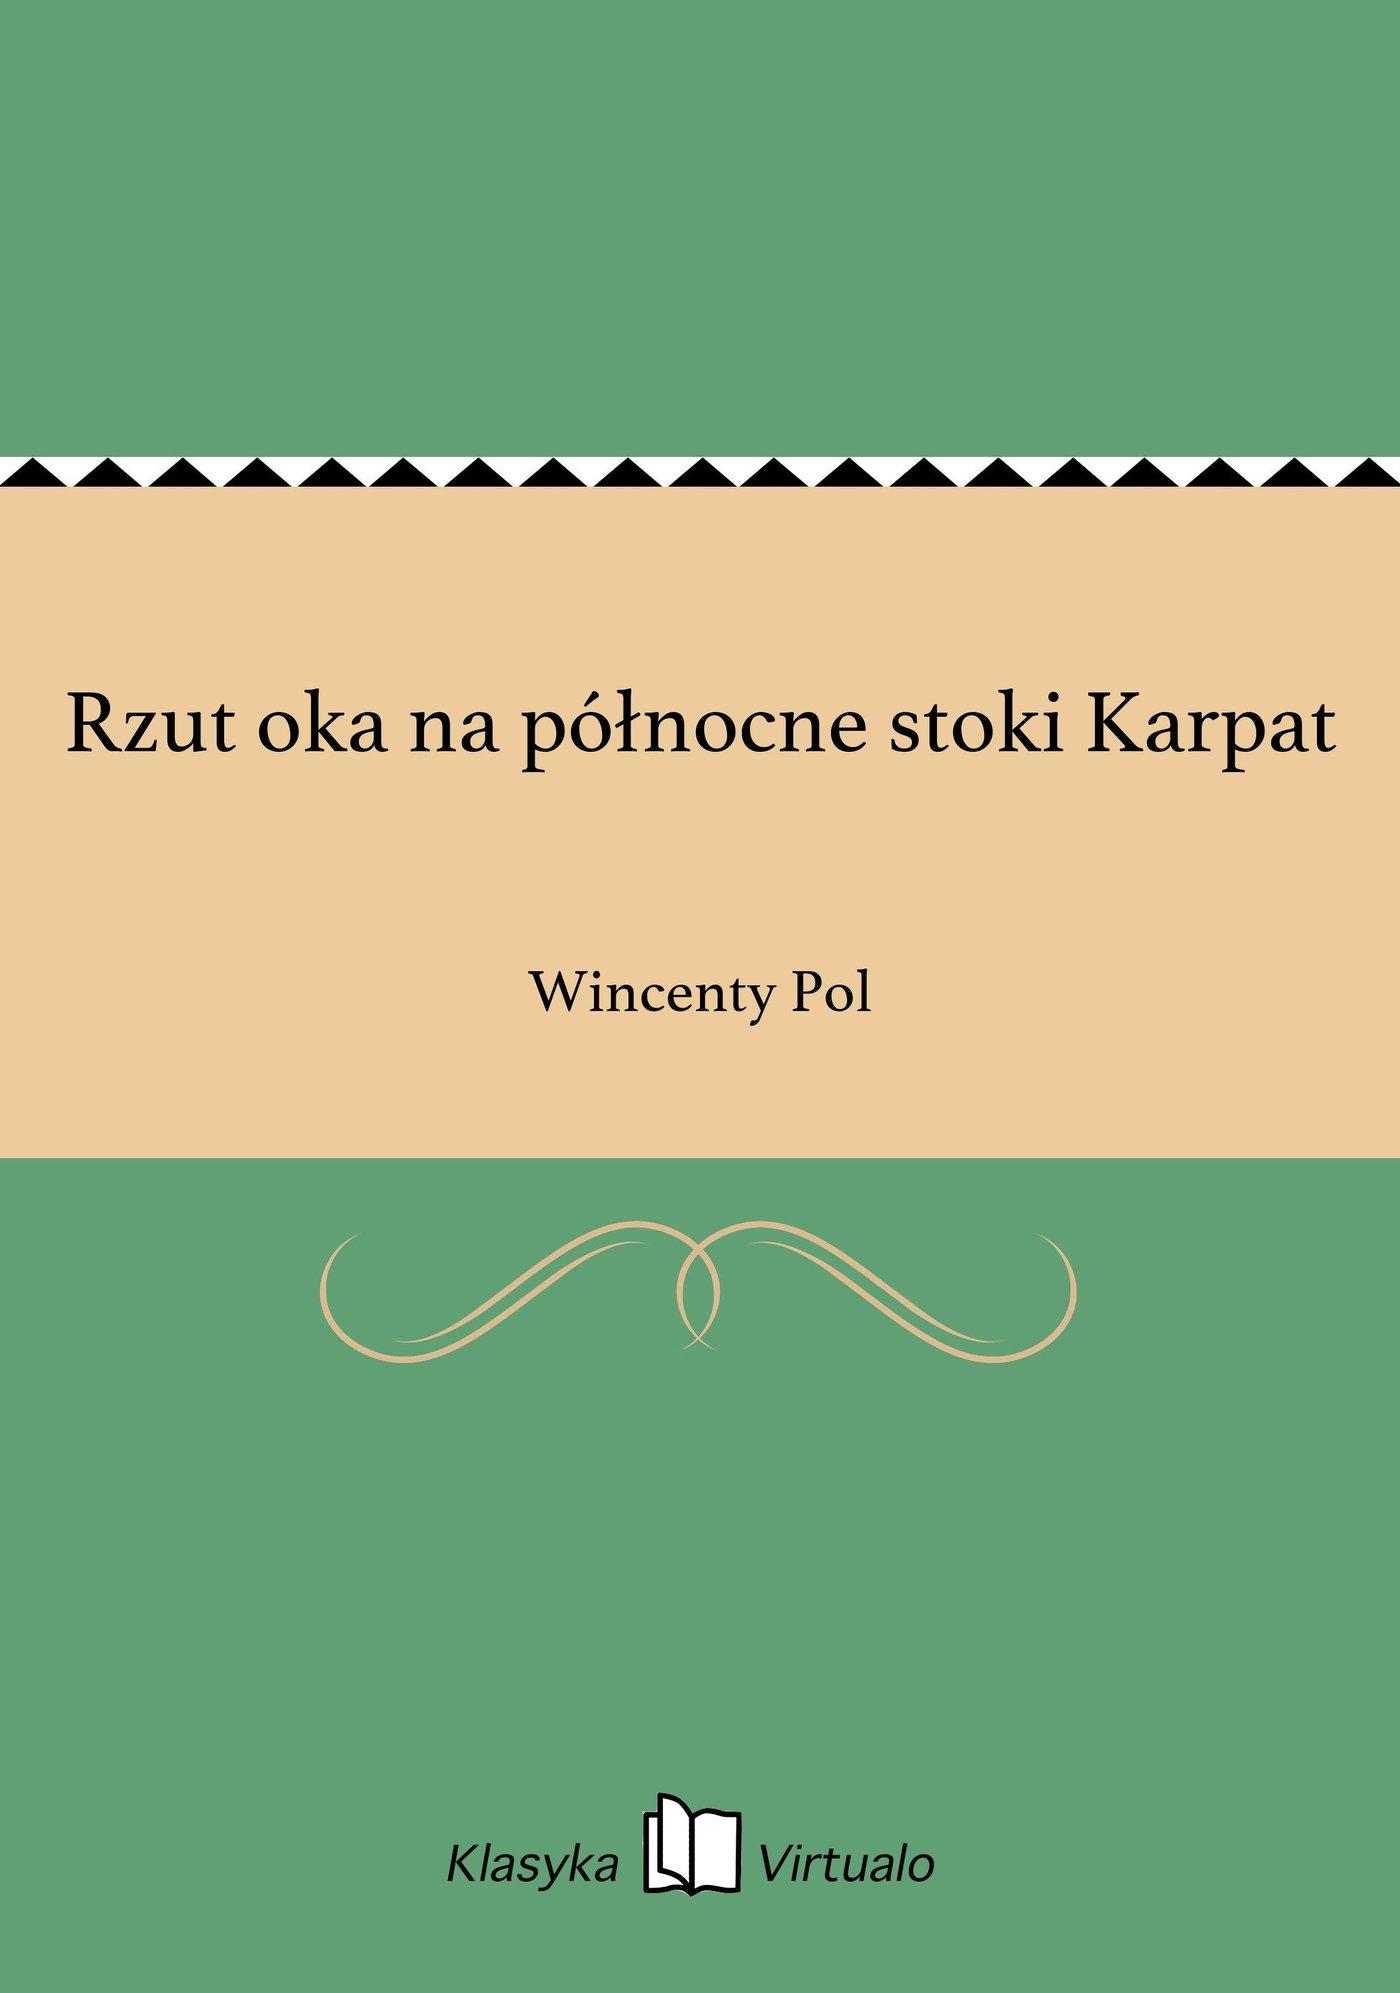 Rzut oka na północne stoki Karpat - Ebook (Książka EPUB) do pobrania w formacie EPUB